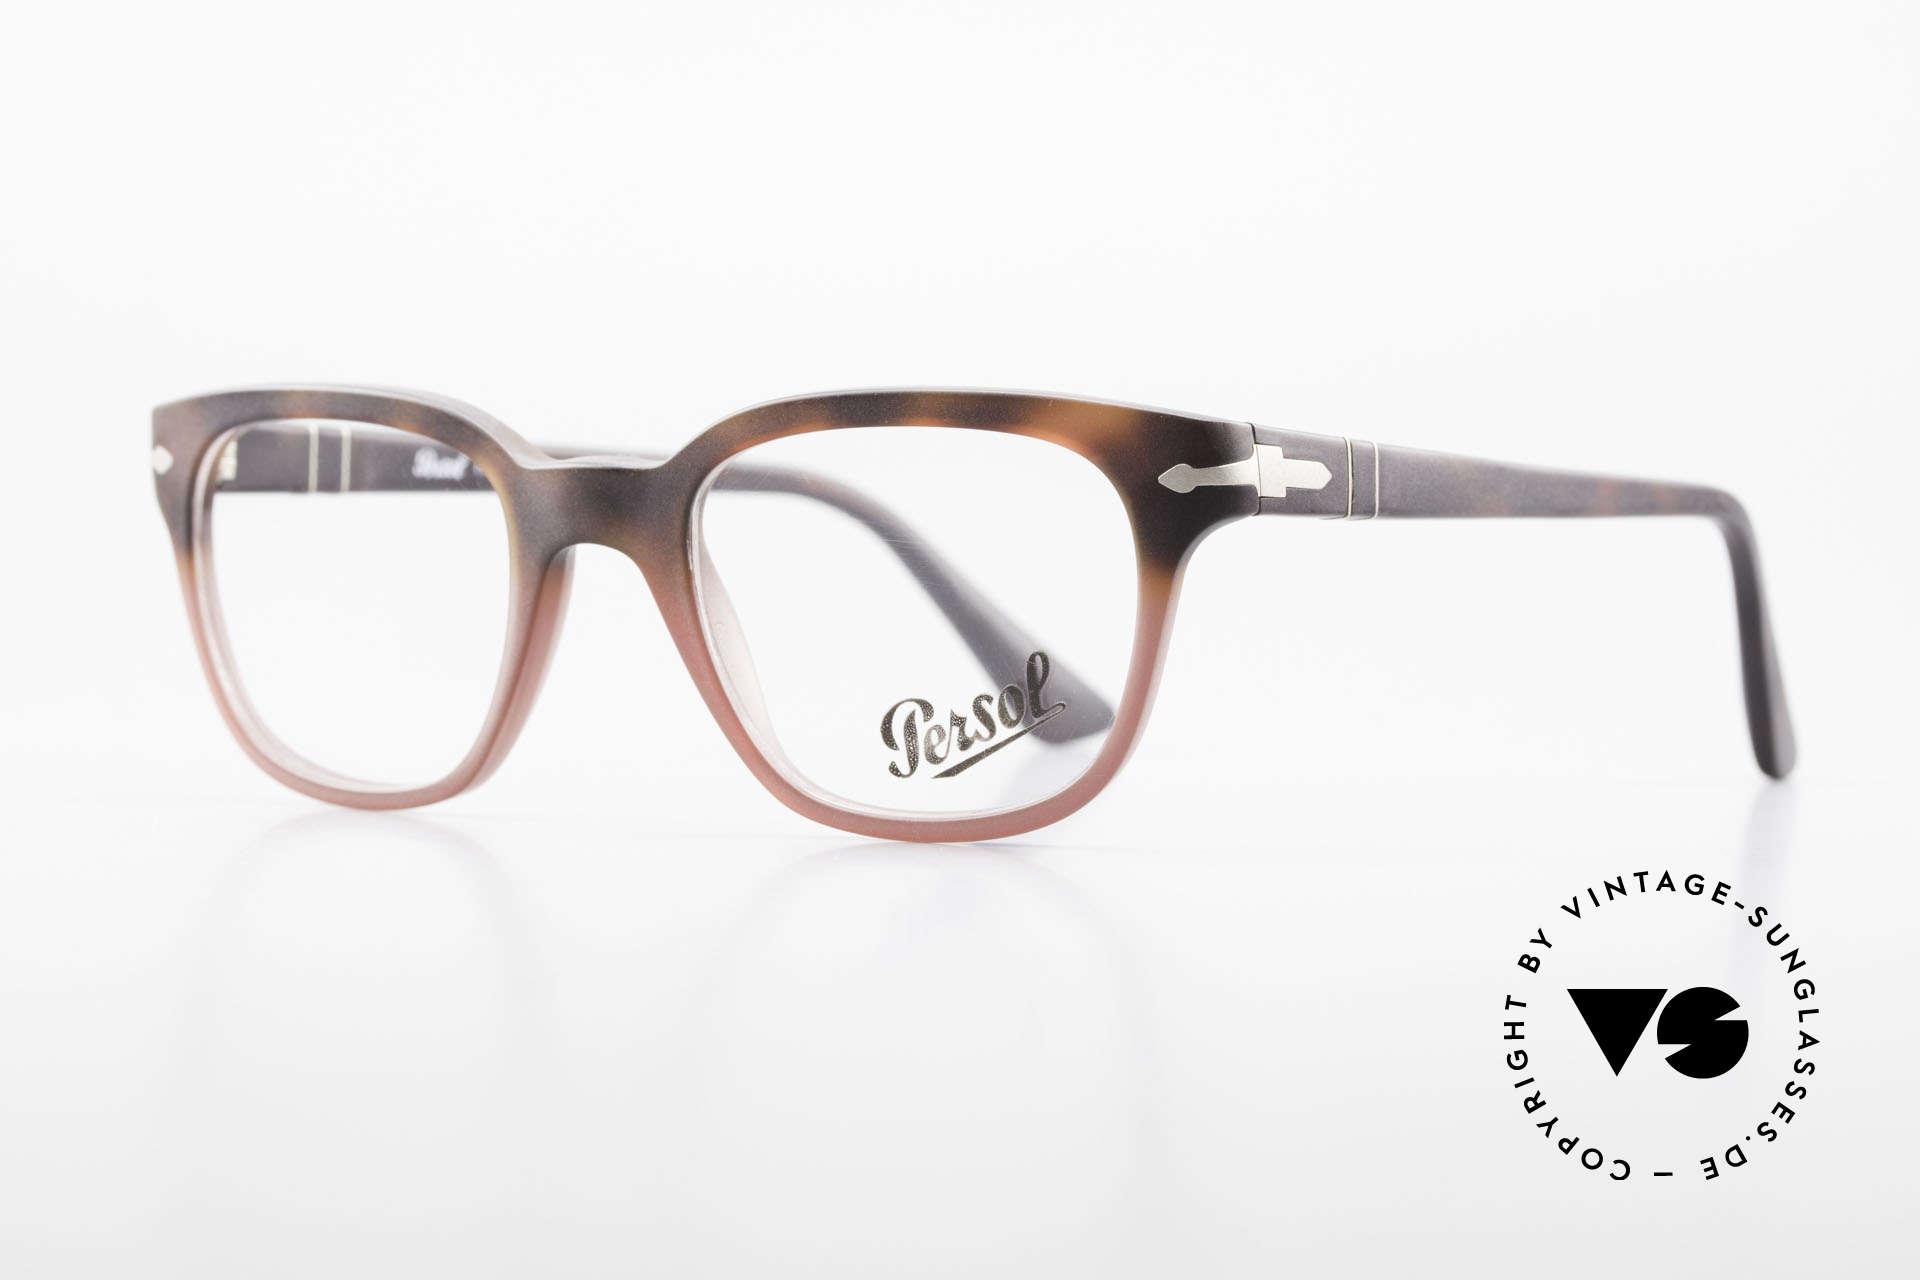 Persol 3093 Unisex Fassung Klassiker Brille, hochwertigste Materialien und Fertigungsqualität, Passend für Herren und Damen